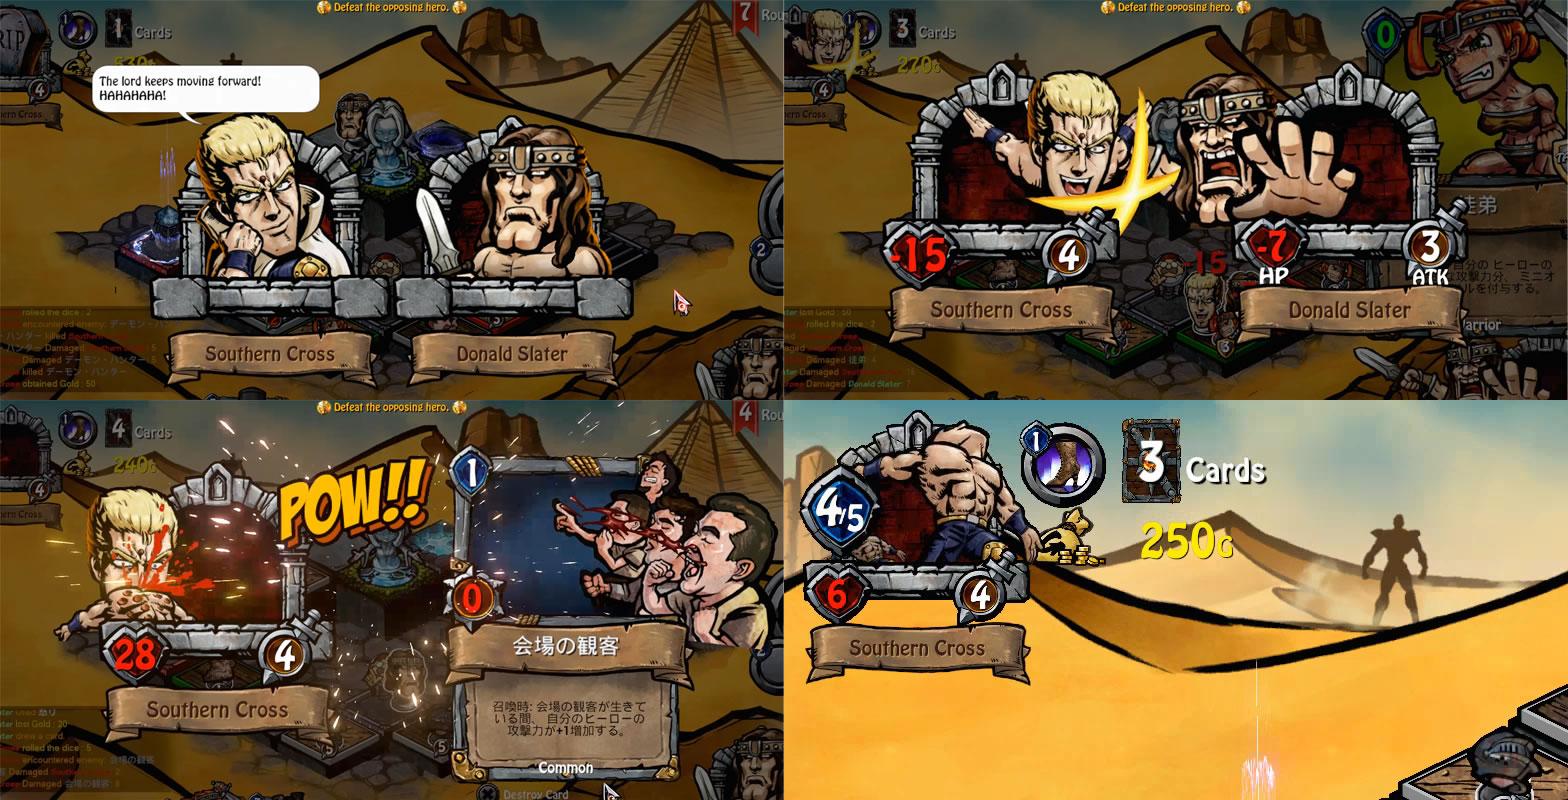 キャラクターとミニオンには通常時(左上)と被ダメージ時(左下)のイラストがある。さらに、キャラクターには攻撃時(右上)とカード使用時(右下)も。止め絵を動かす程度の演出とはいえ、リアクションの表情があるのは嬉しい。